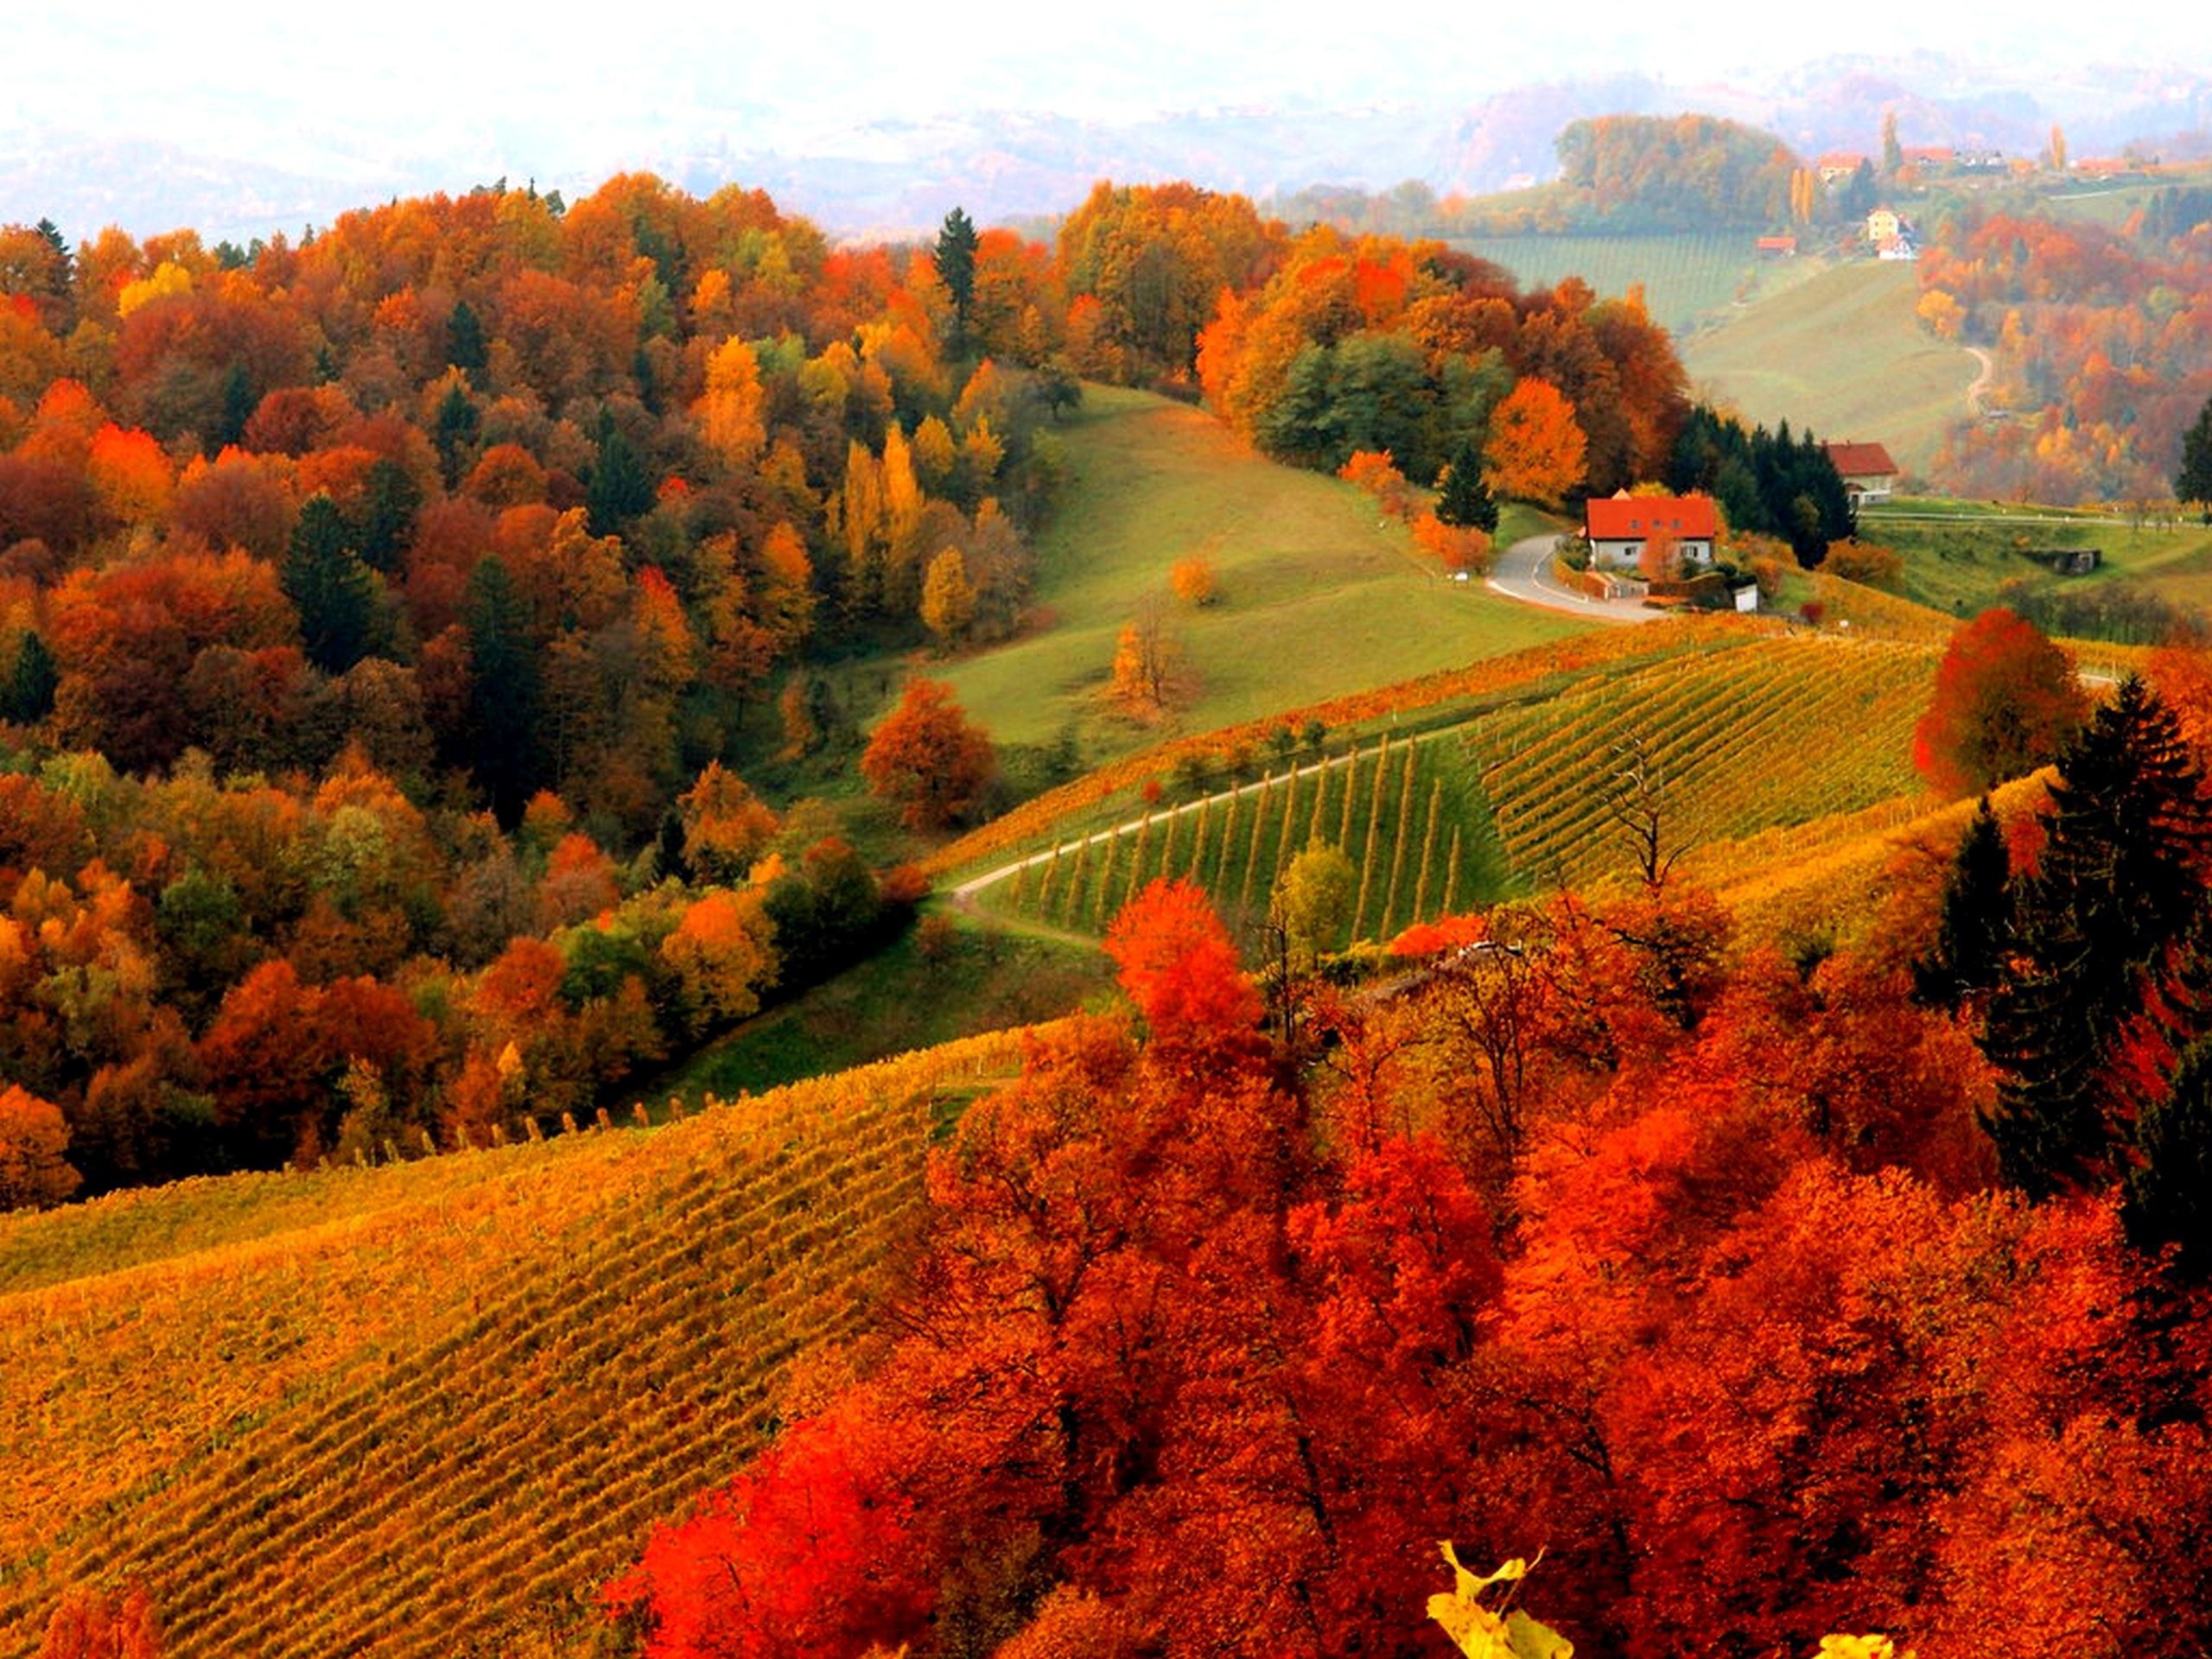 HD-Fall-Scenery-Image